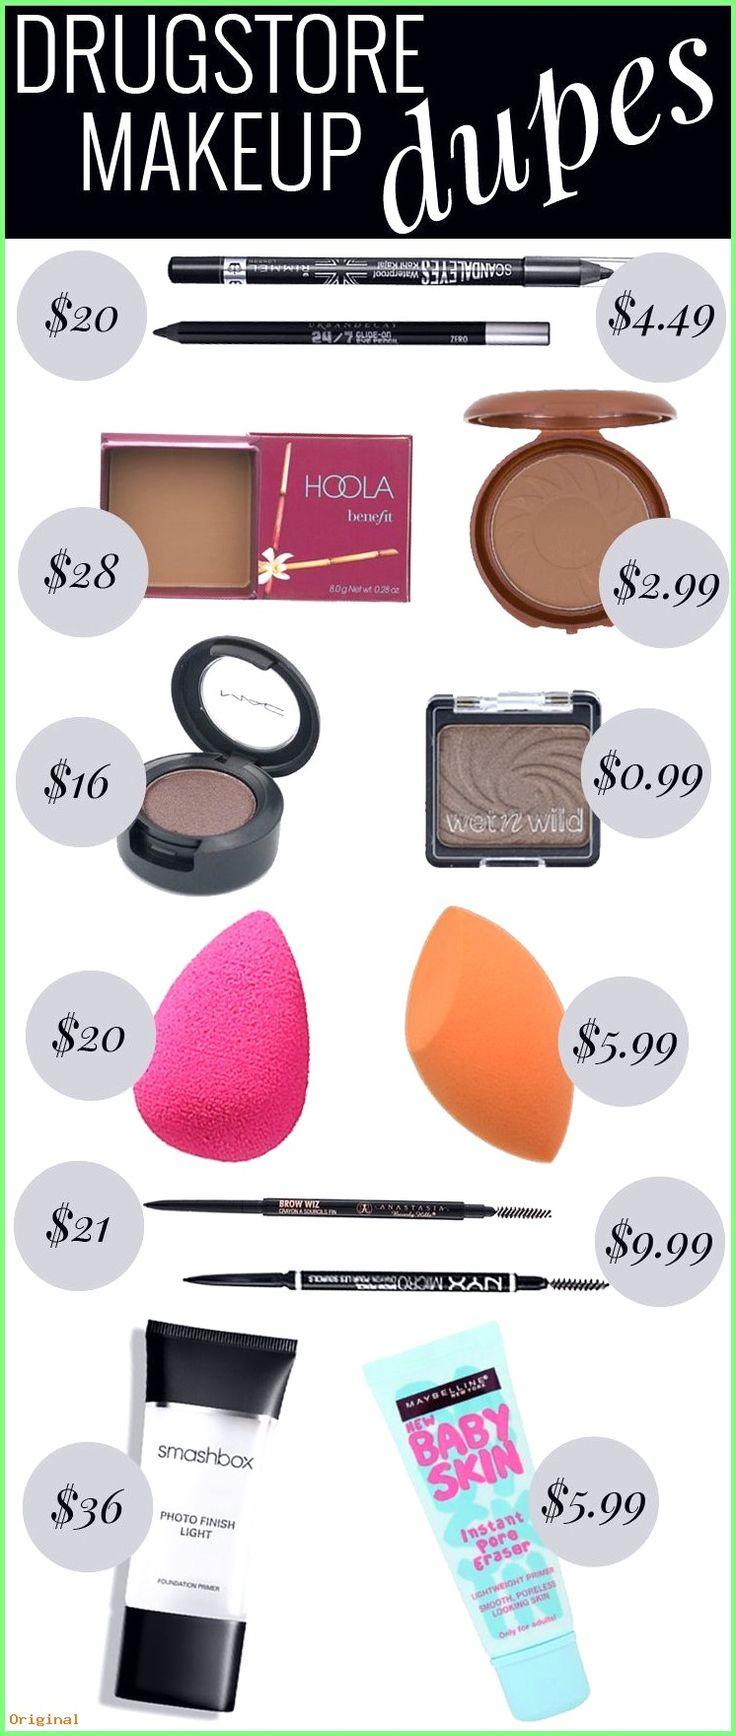 50+ Hautpflege – Drogerie Makeup Dupes – liebe mich ein guter Betrüger !!! #beautyhacks #ha…